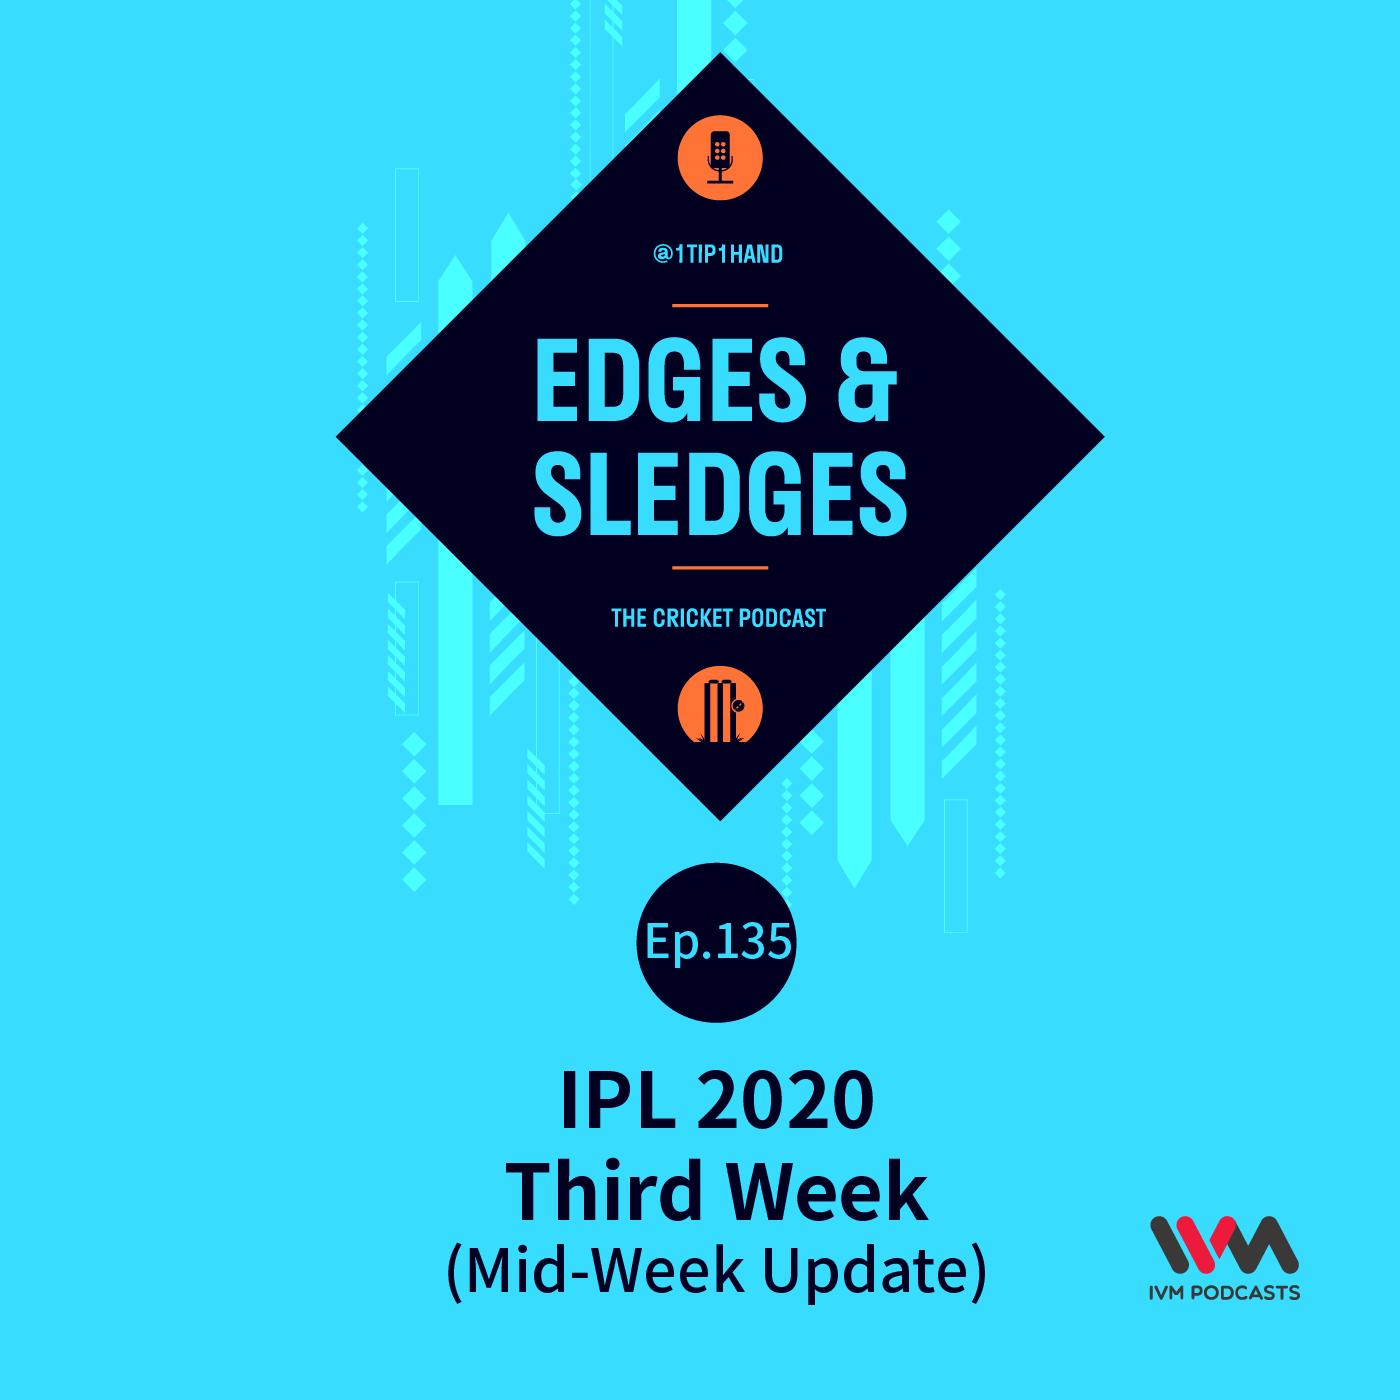 Ep. 135: IPL 2020 Third Week (Mid-Week Update)